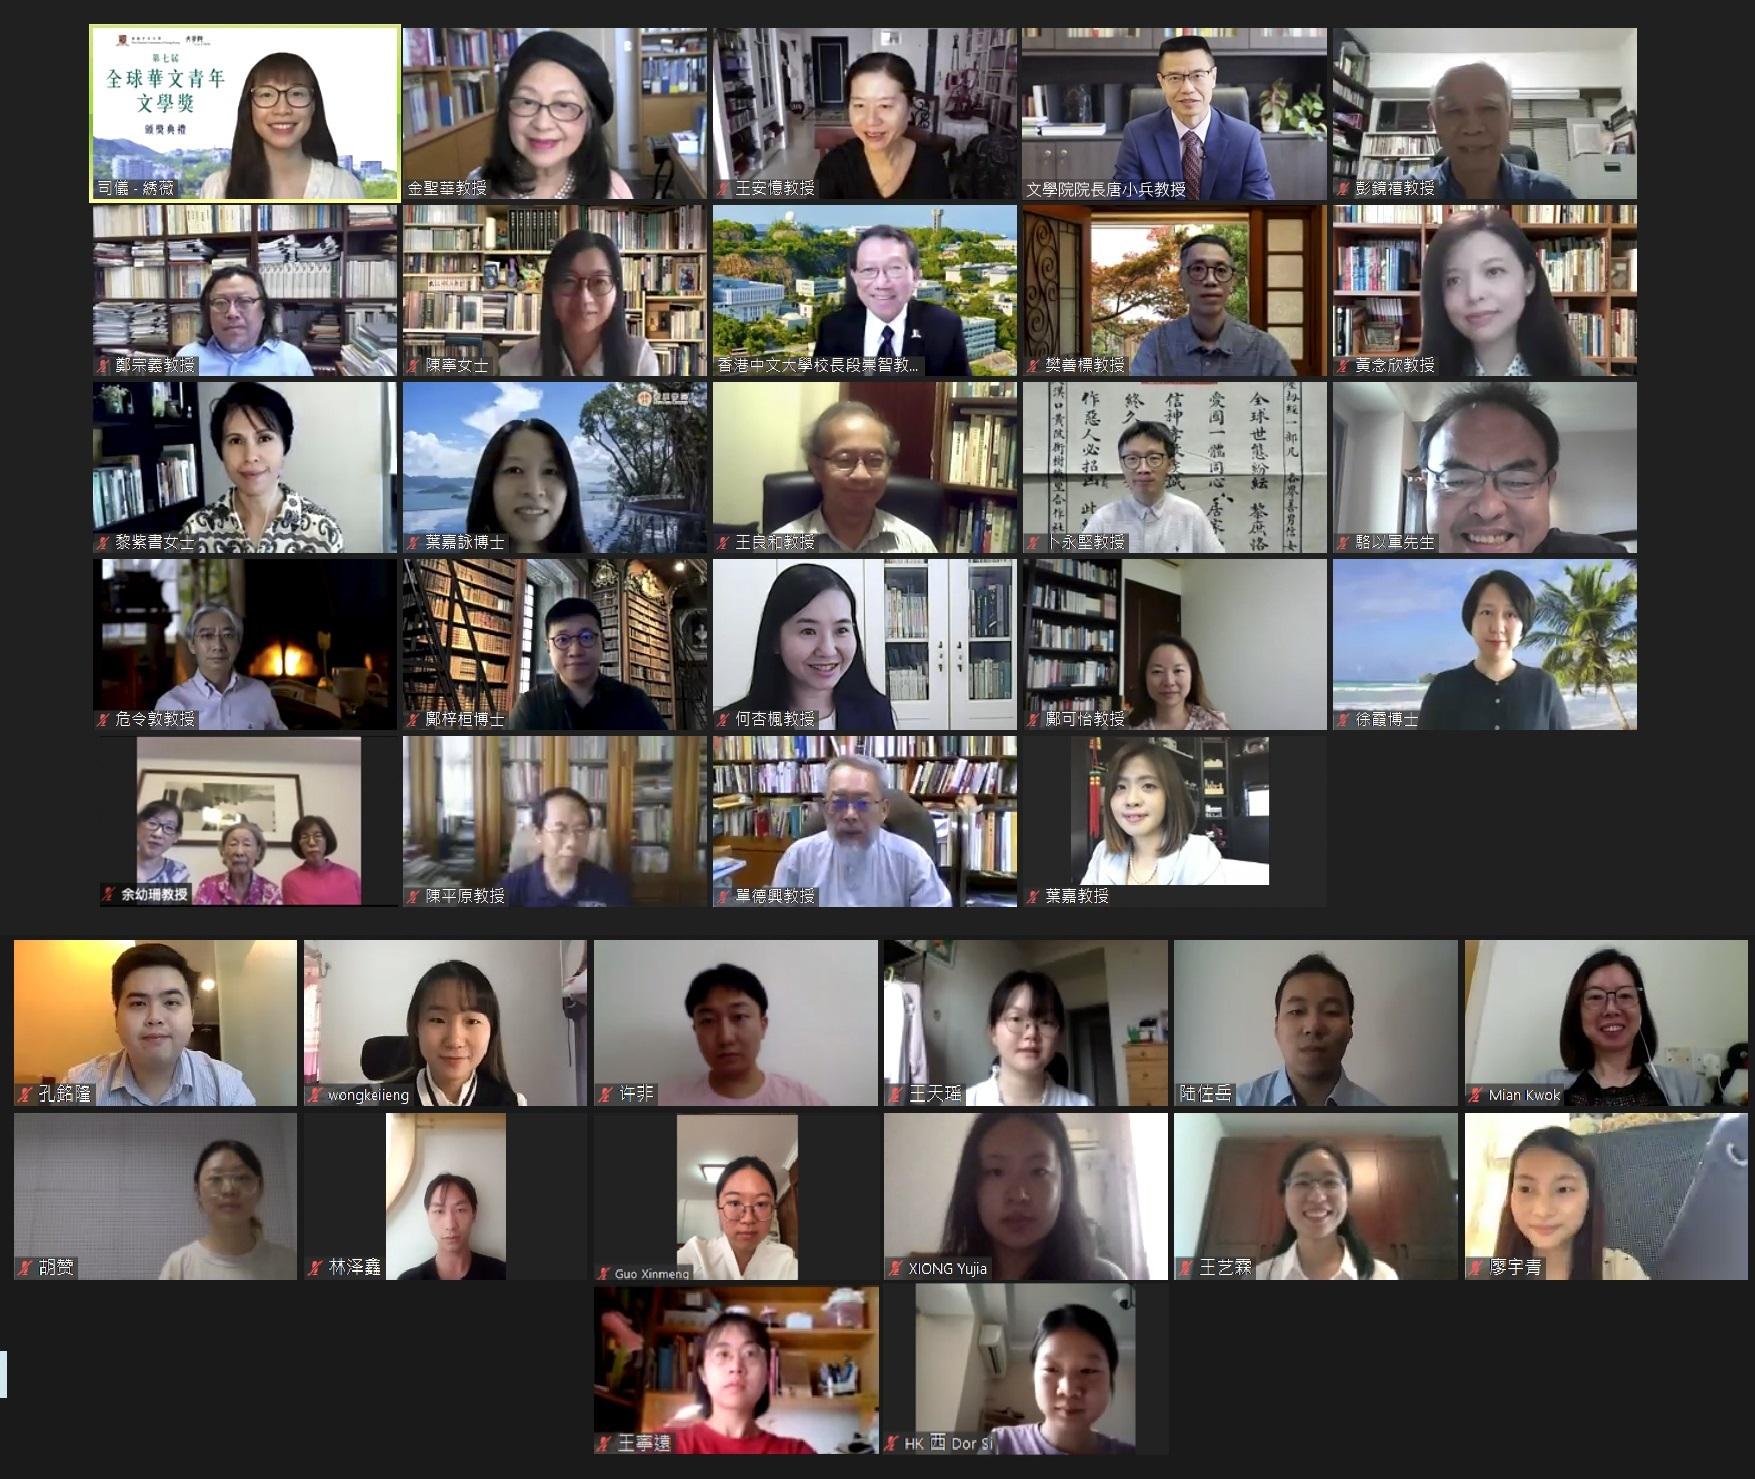 主禮嘉賓、決審評判、華文奬籌備委員會成員及得獎者出席網上頒獎禮。